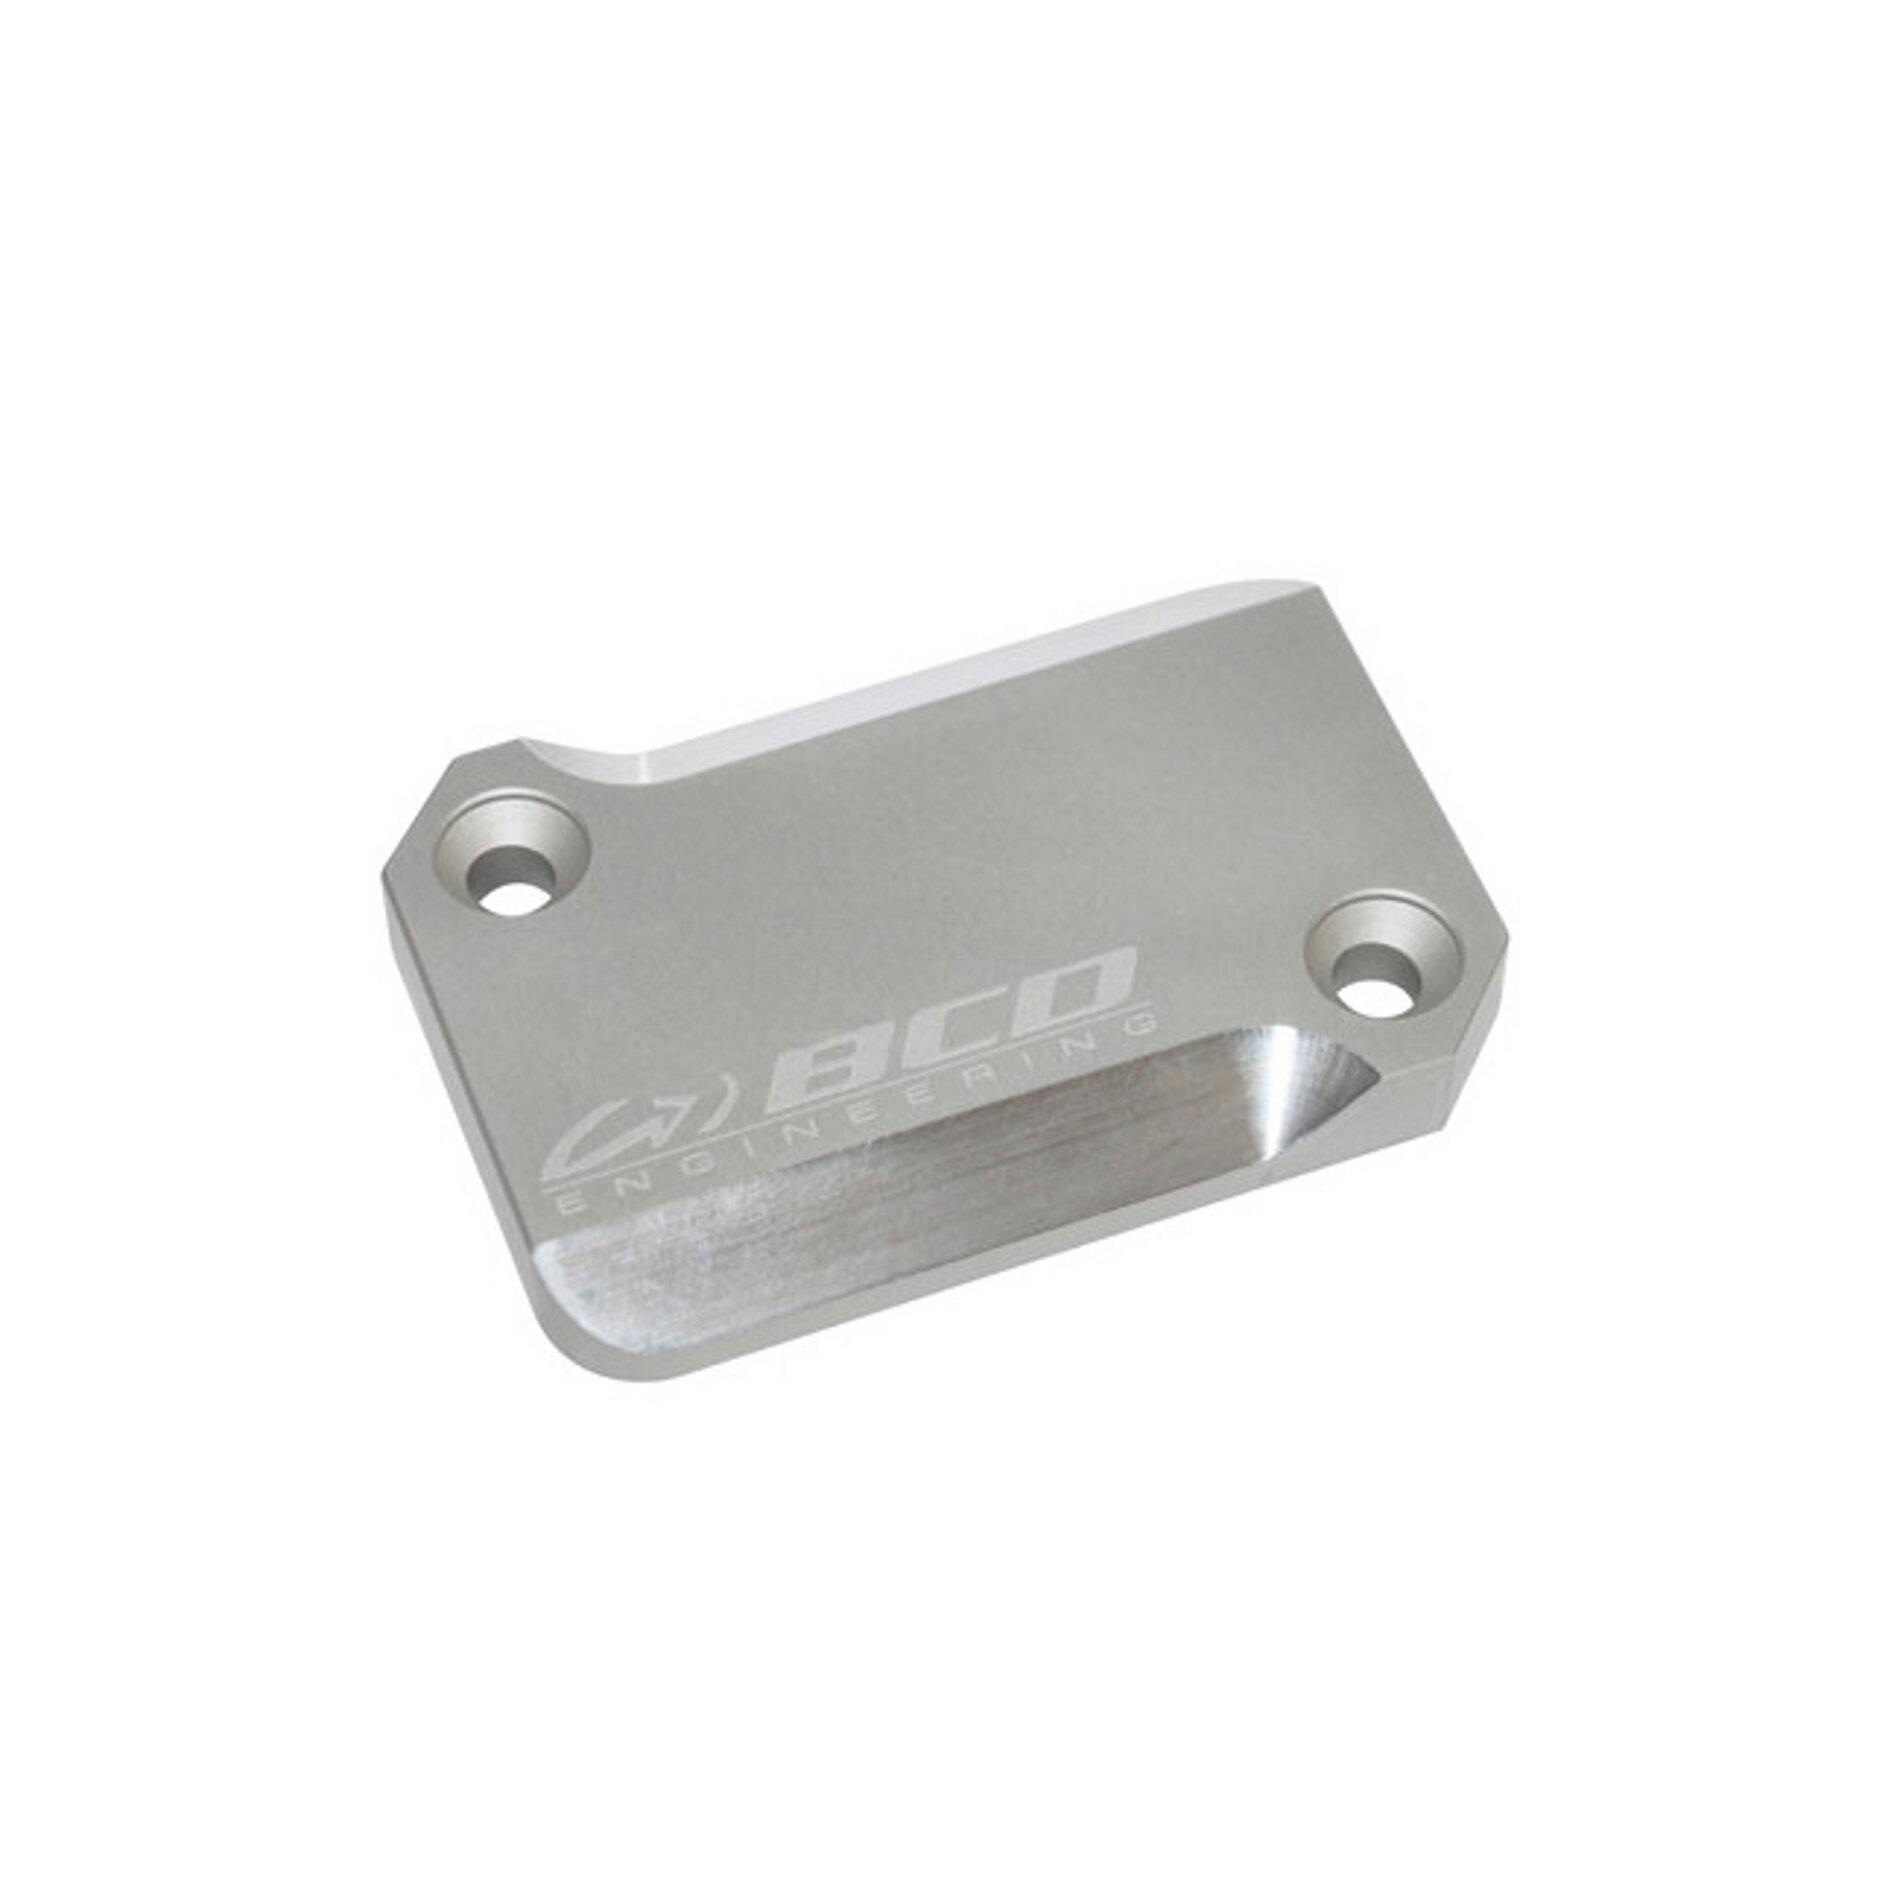 Couvercle réservoir de frein BCD MBK Booster 04- / Nitro - Alu mat